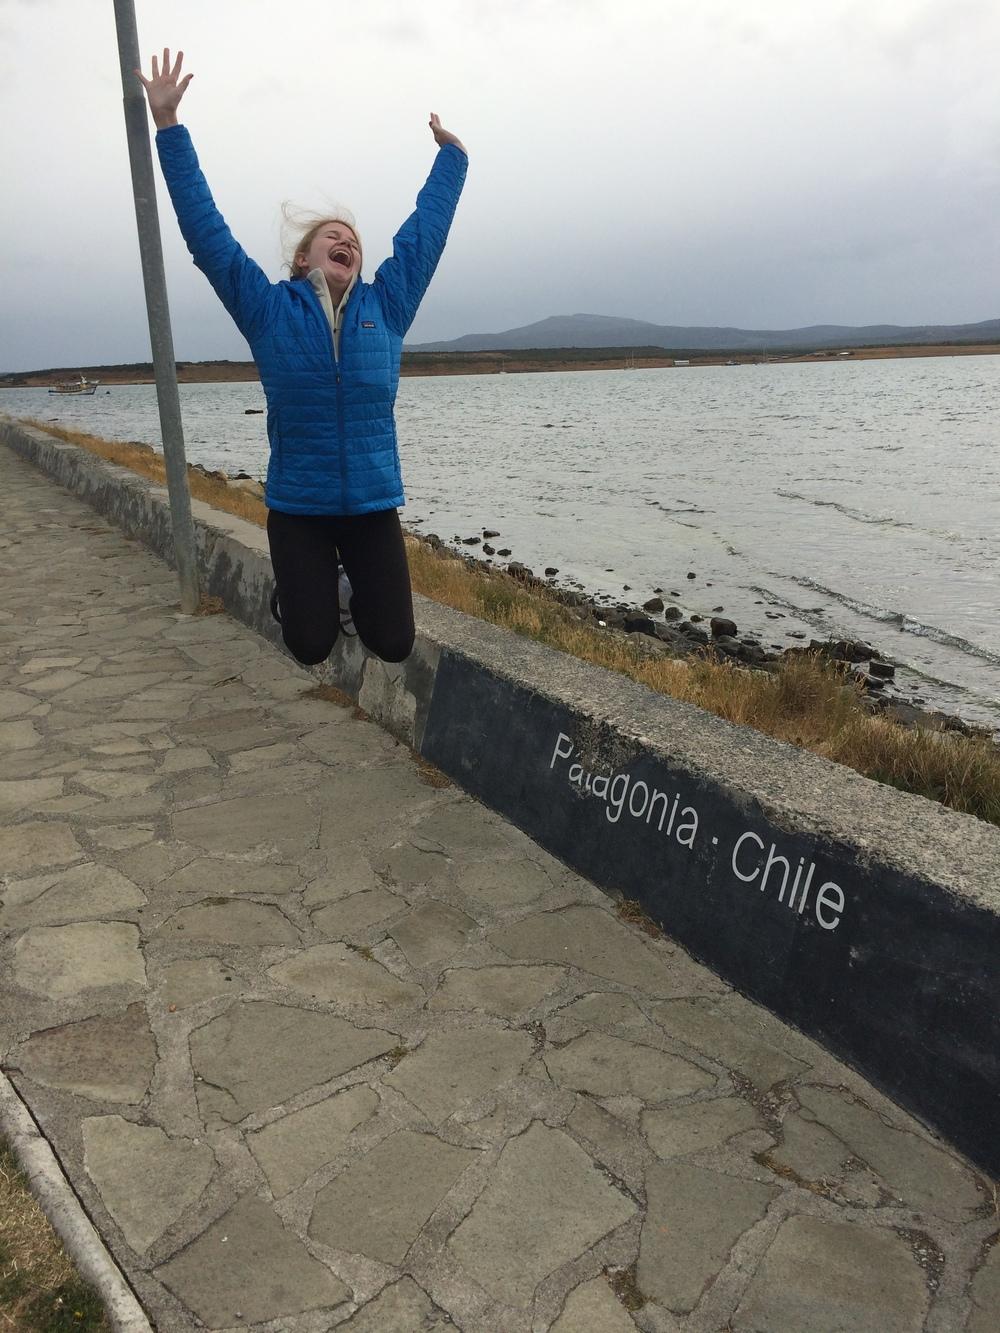 Patagonia blog 2.JPG